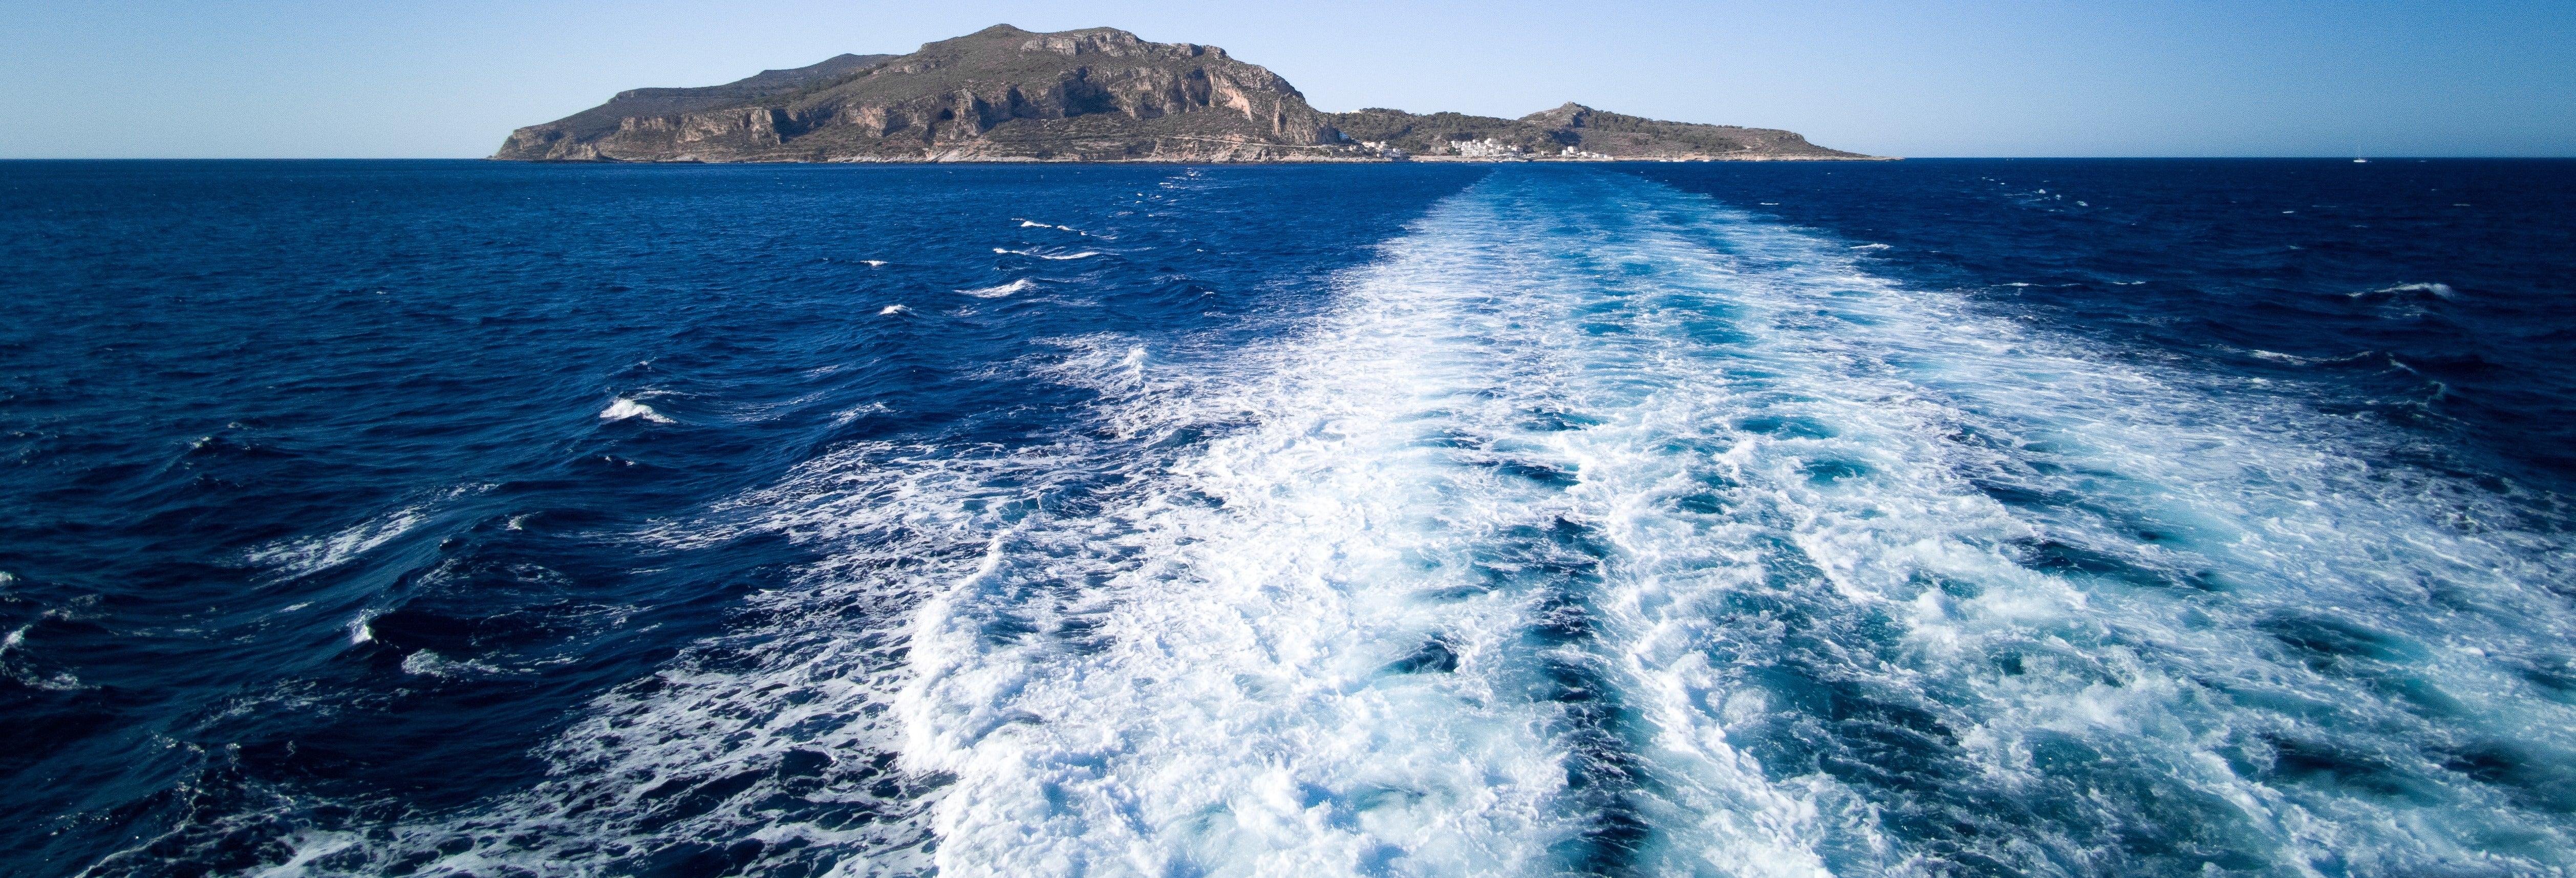 Escursione a Favignana e Levanzo in barca